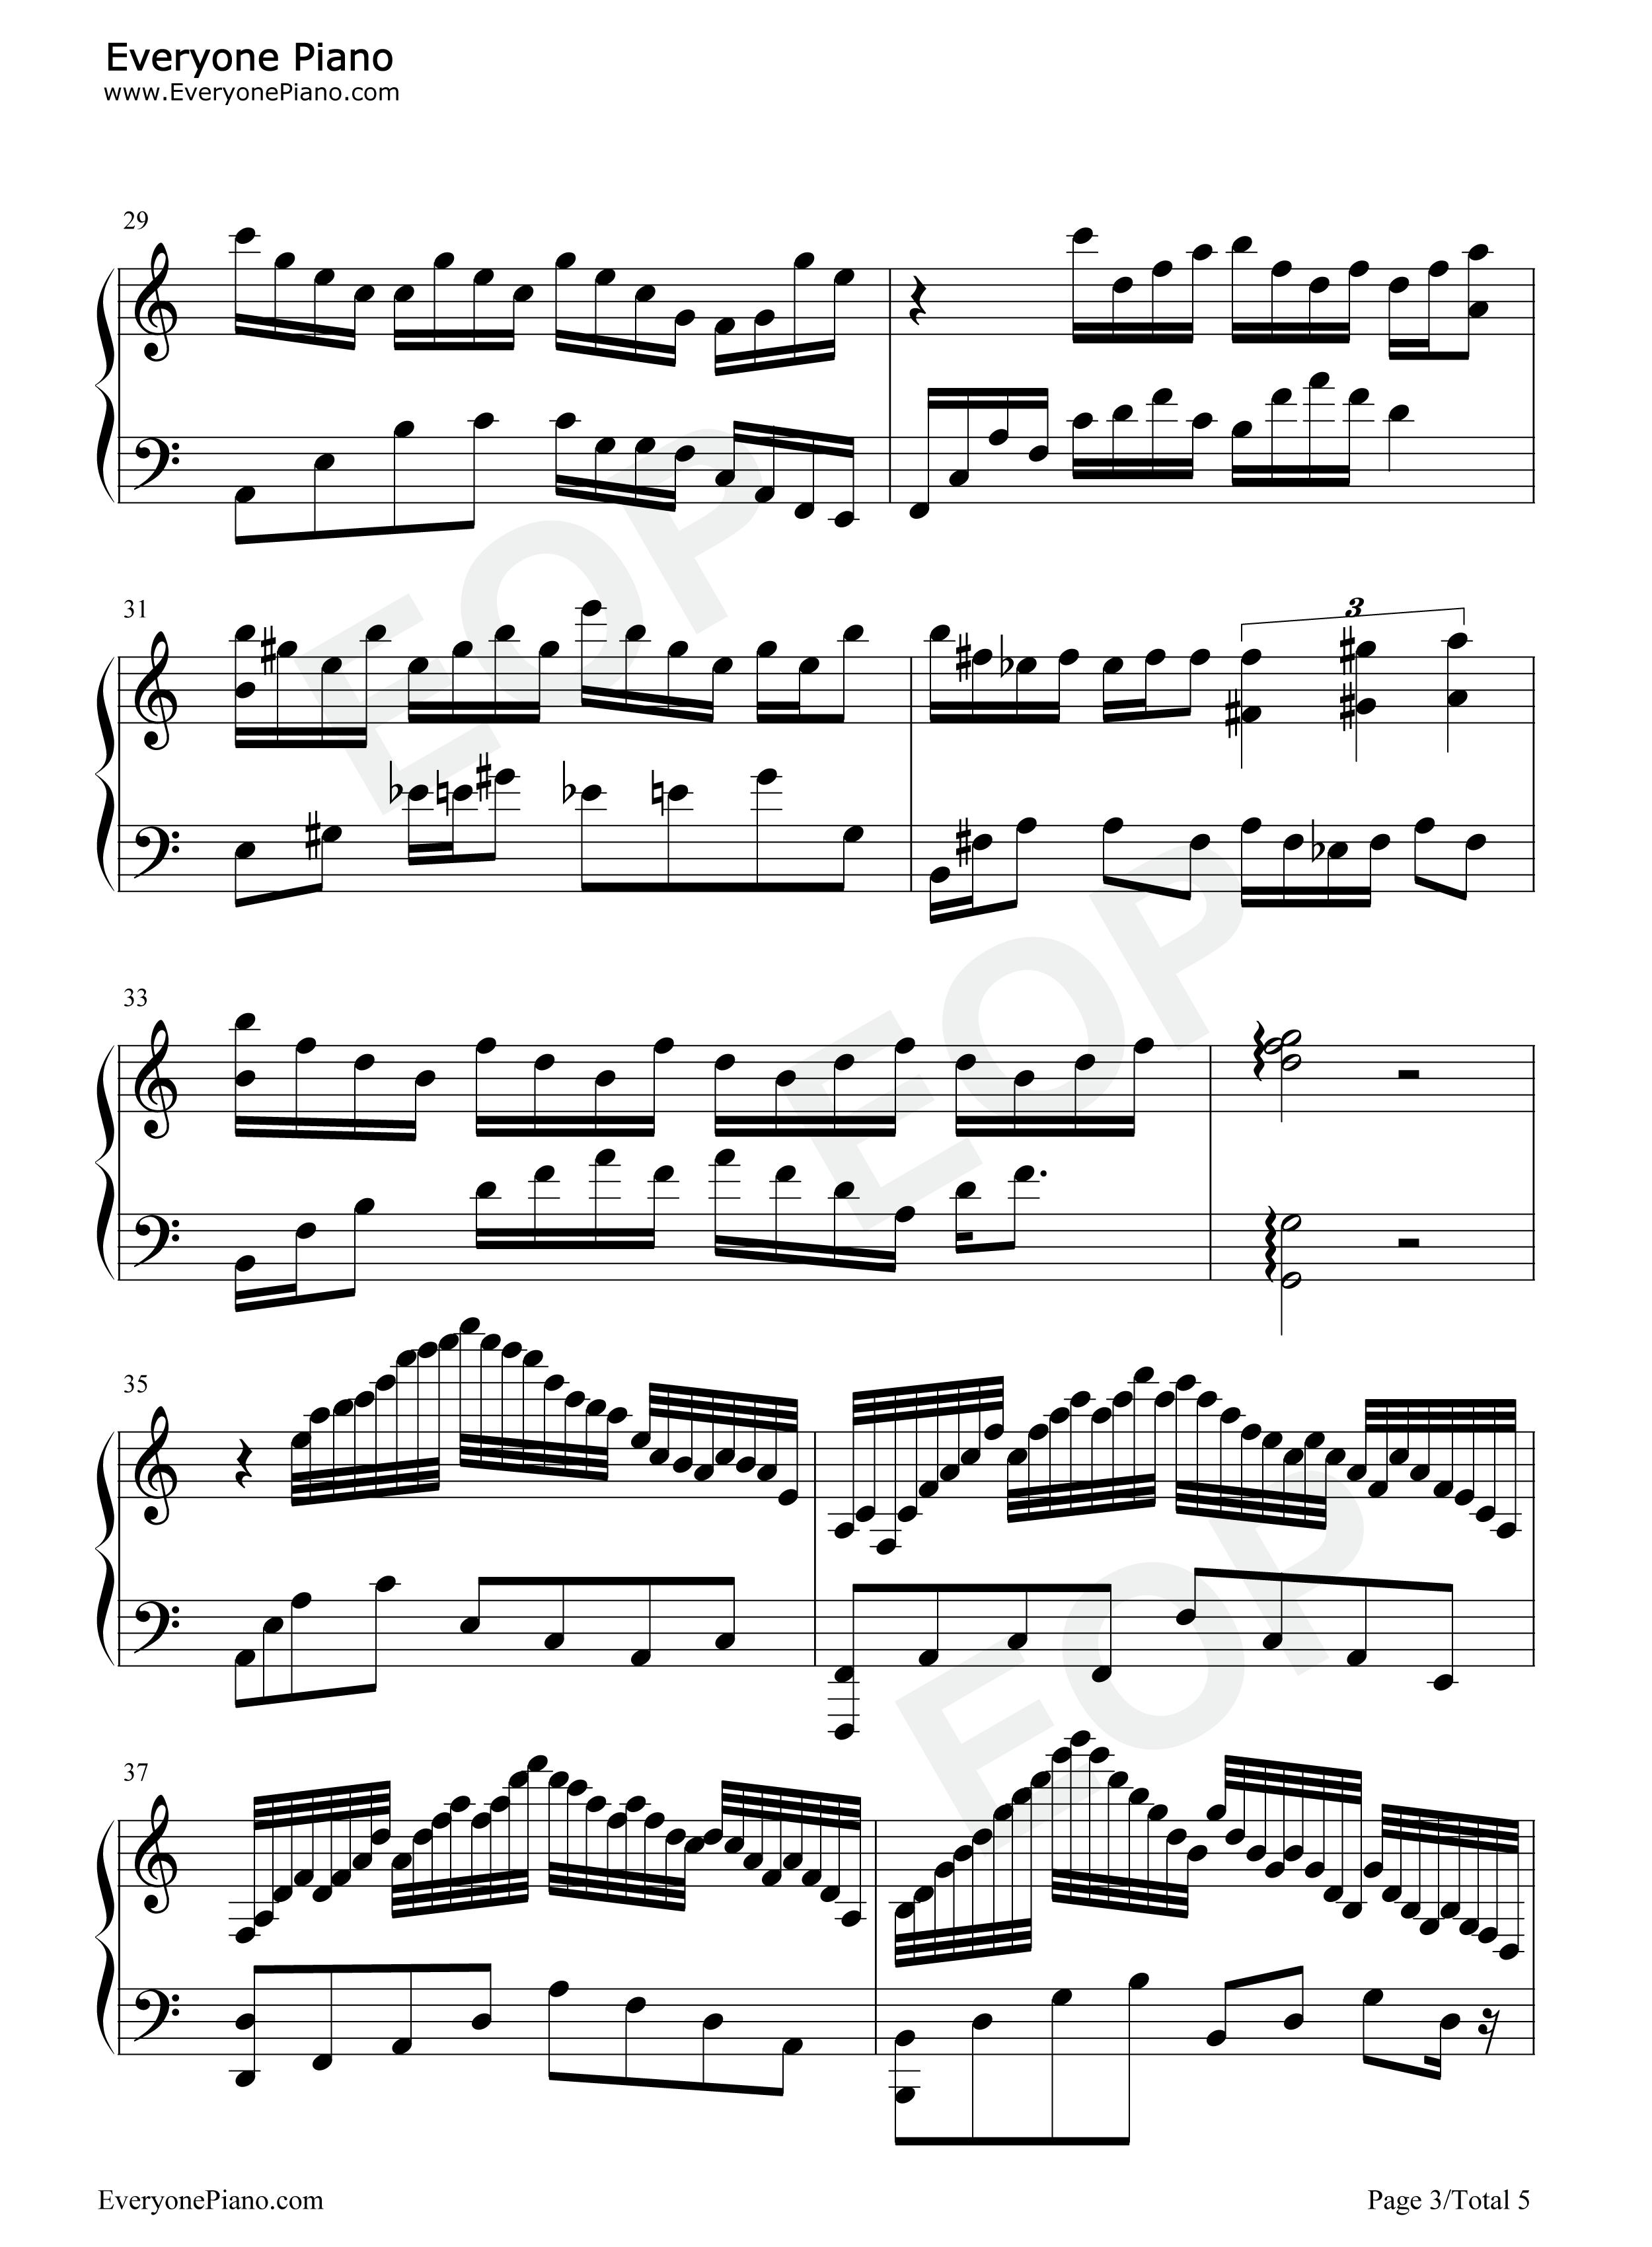 网站首页 钢琴曲谱 动漫 时光倒流-somewhere in time-时光倒流七十年